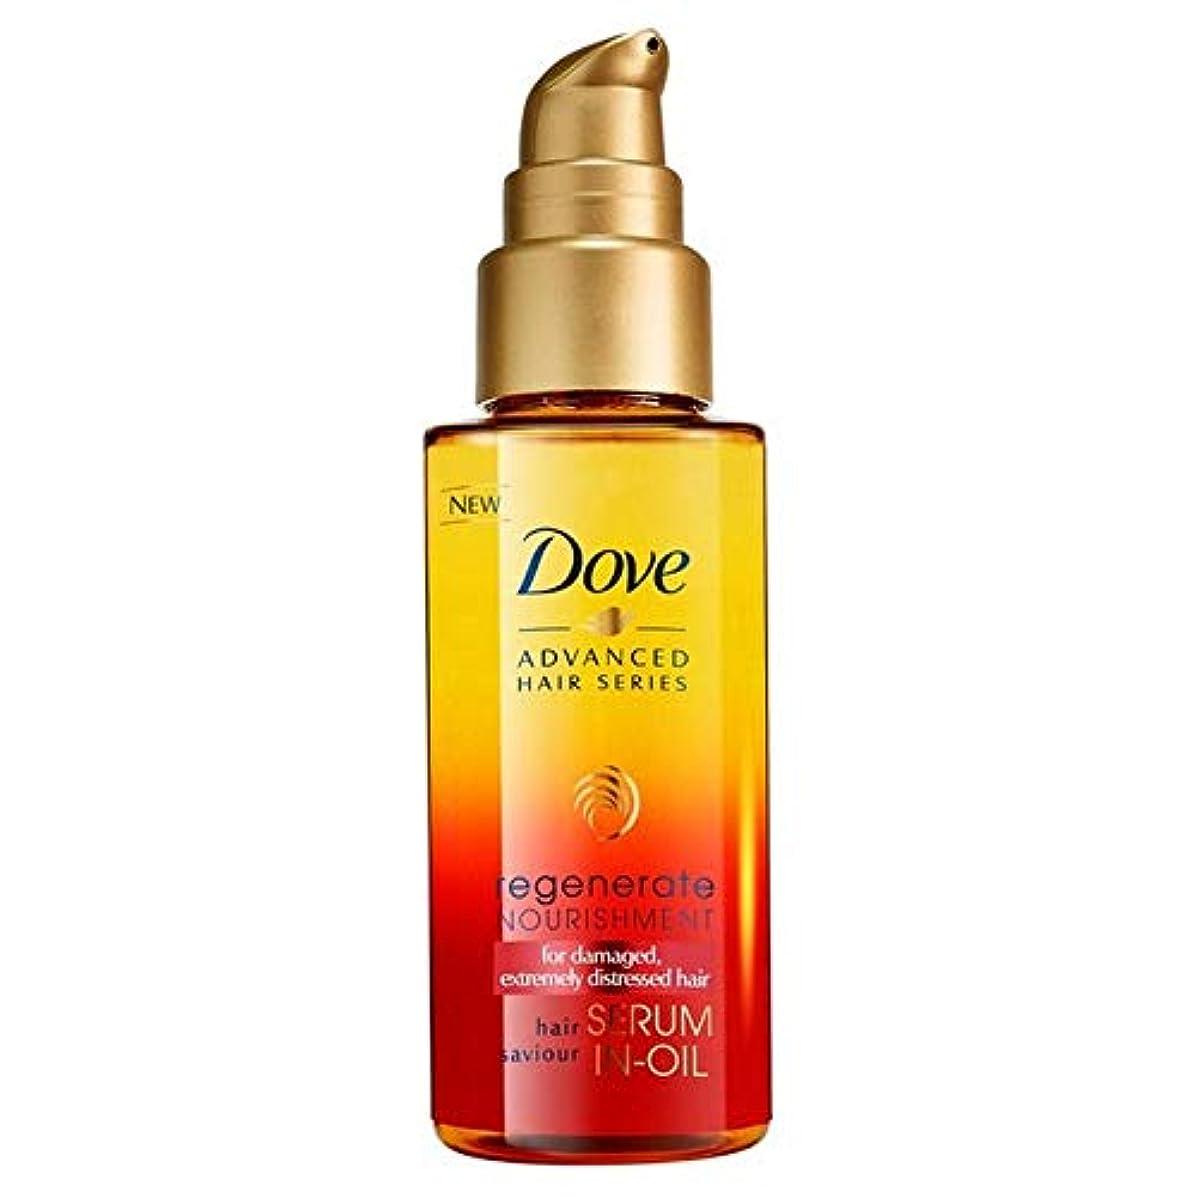 レーザ創造フィクション[Dove ] 鳩高度な髪シリーズは栄養血清中の油中50ミリリットルを再生成します - Dove Advanced Hair Series Regenerate Nourishment Serum-in-Oil 50ml [並行輸入品]